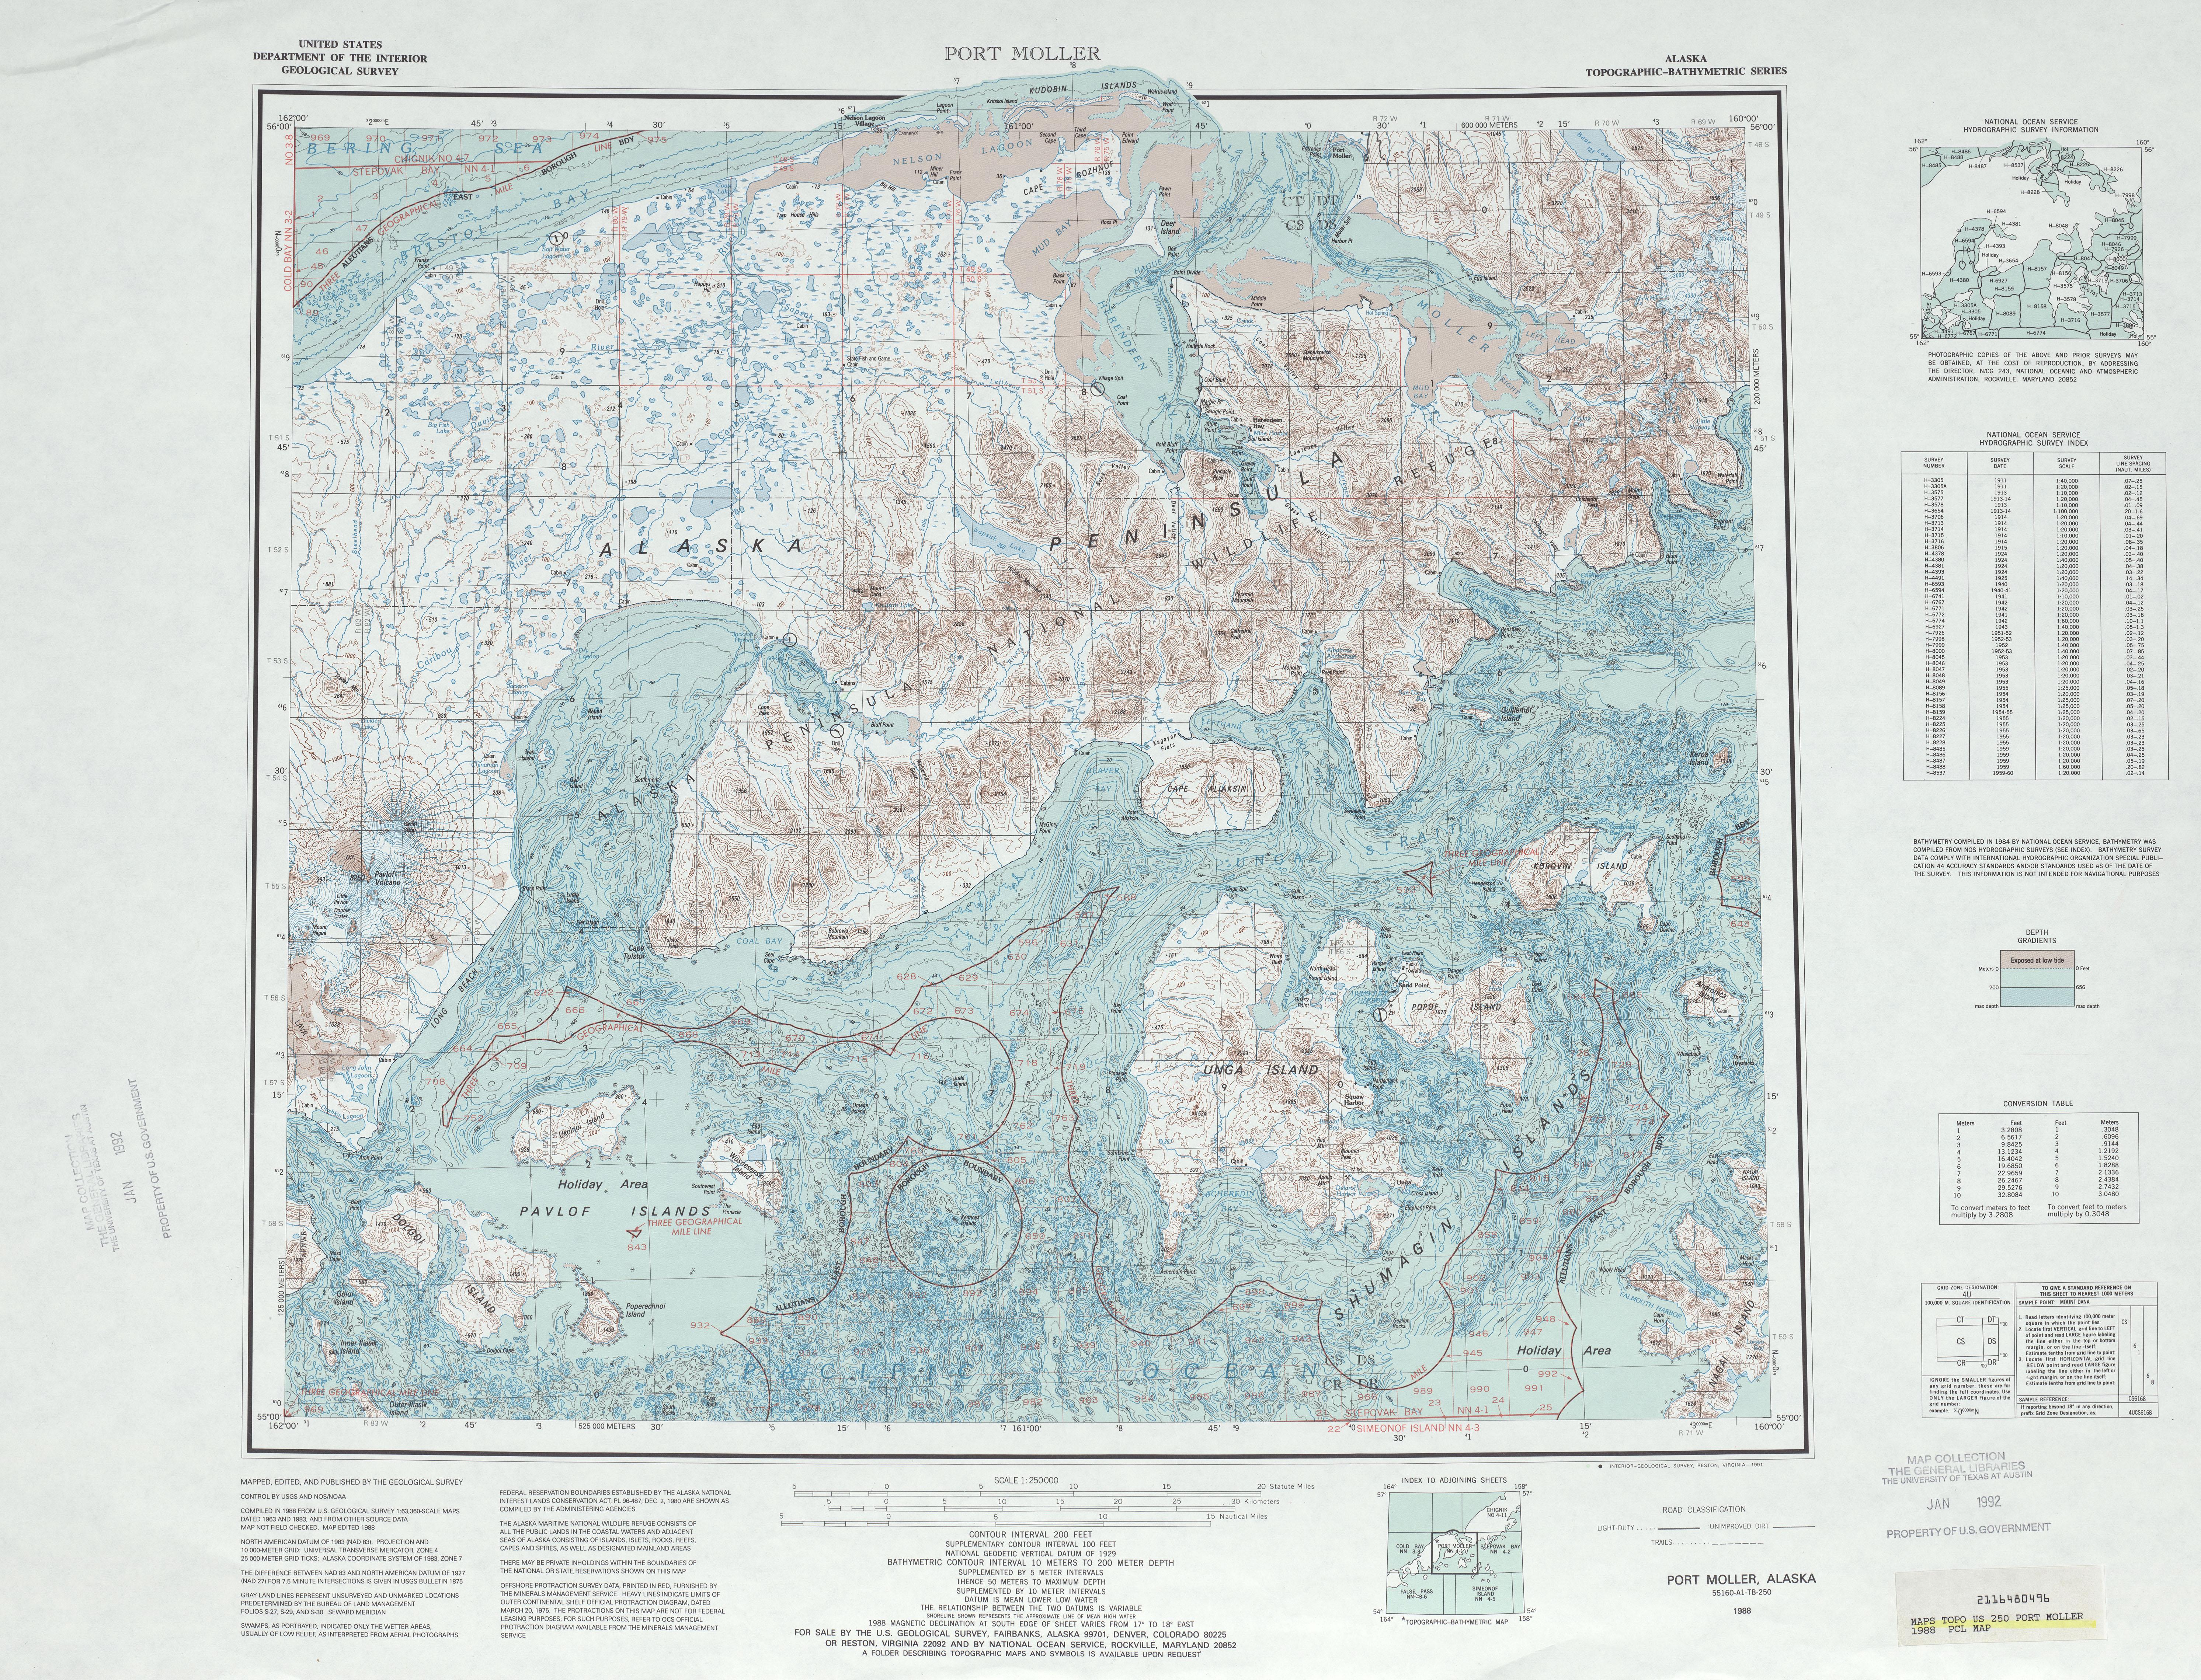 Hoja Port Moller del Mapa Topográfico de los Estados Unidos 1988